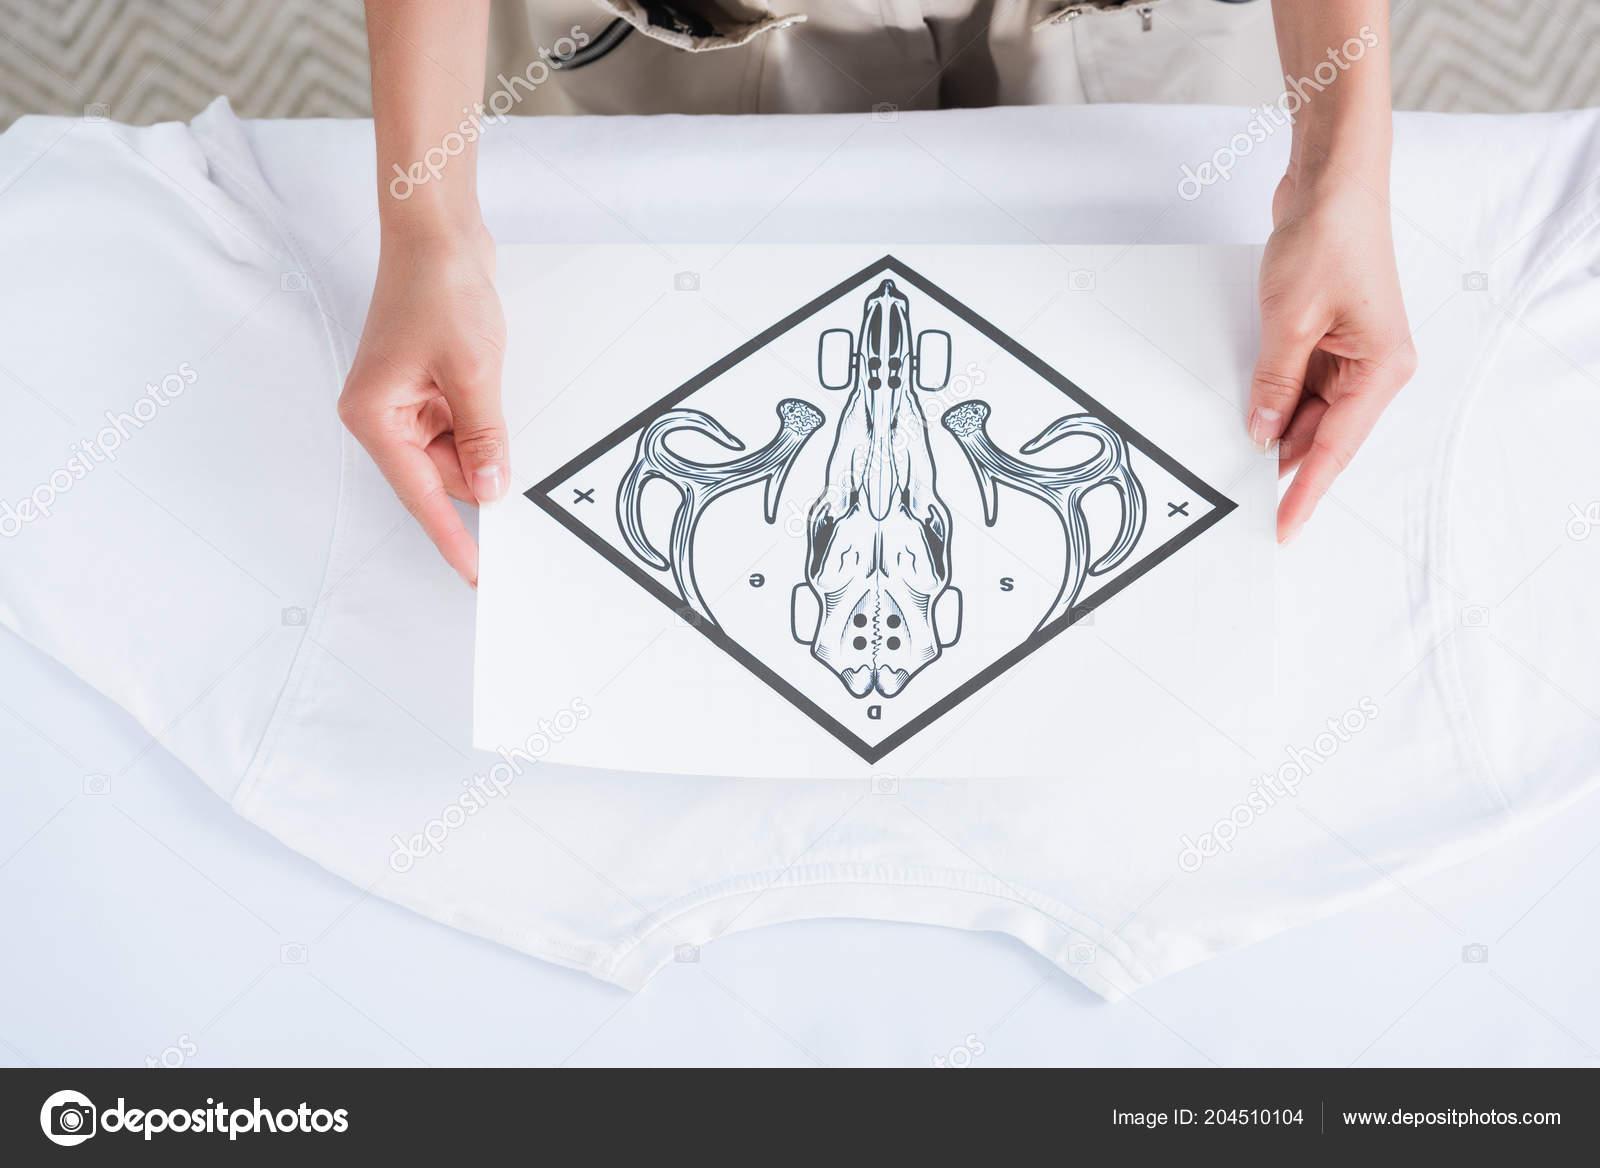 Περικομμένη εικόνα Γυναικεία σχεδιαστή μόδας επιλέγοντας Εκτύπωση για κενή λευκή  μπλούζα — Εικόνα από AndrewLozovyi 3d4076ffc6b